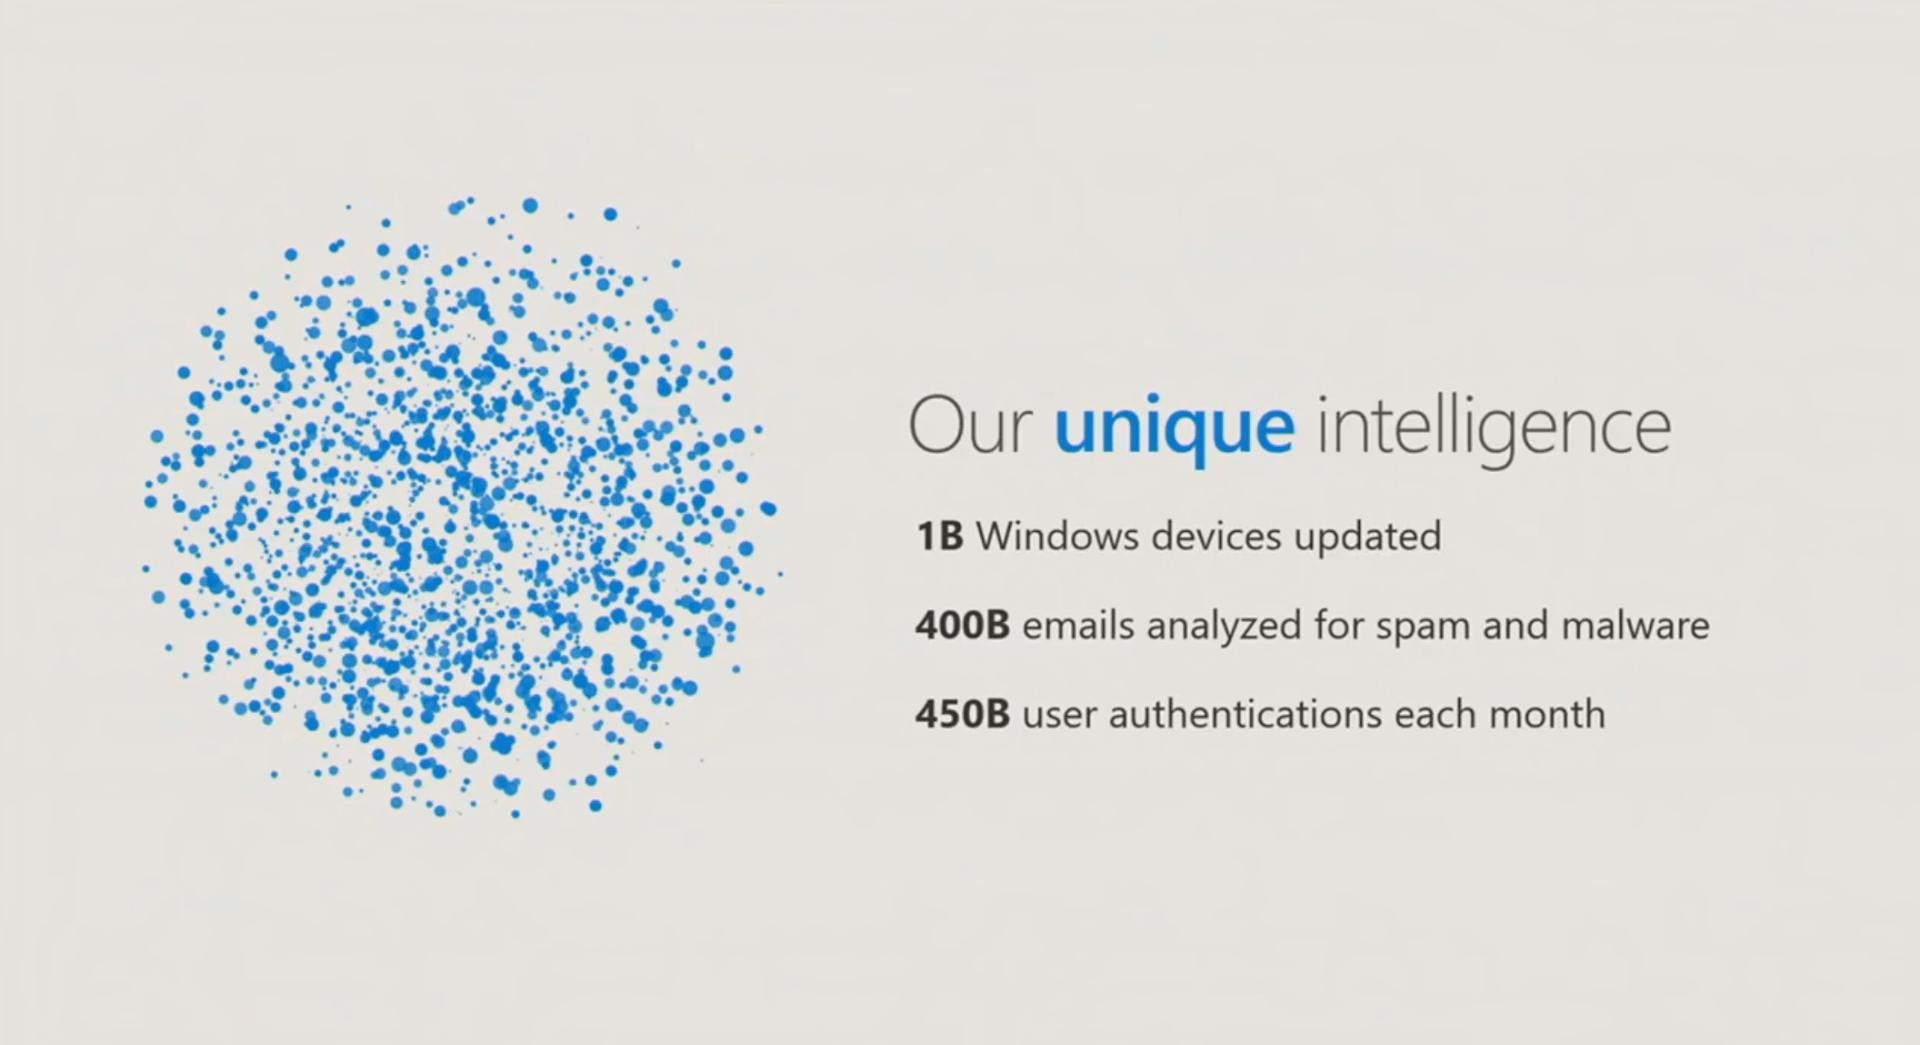 Texte de remplacement généré par une machine: Our unique intelligence IB Windows devices updated 400B emails analyzed for spam and malware 450B user authentications each month